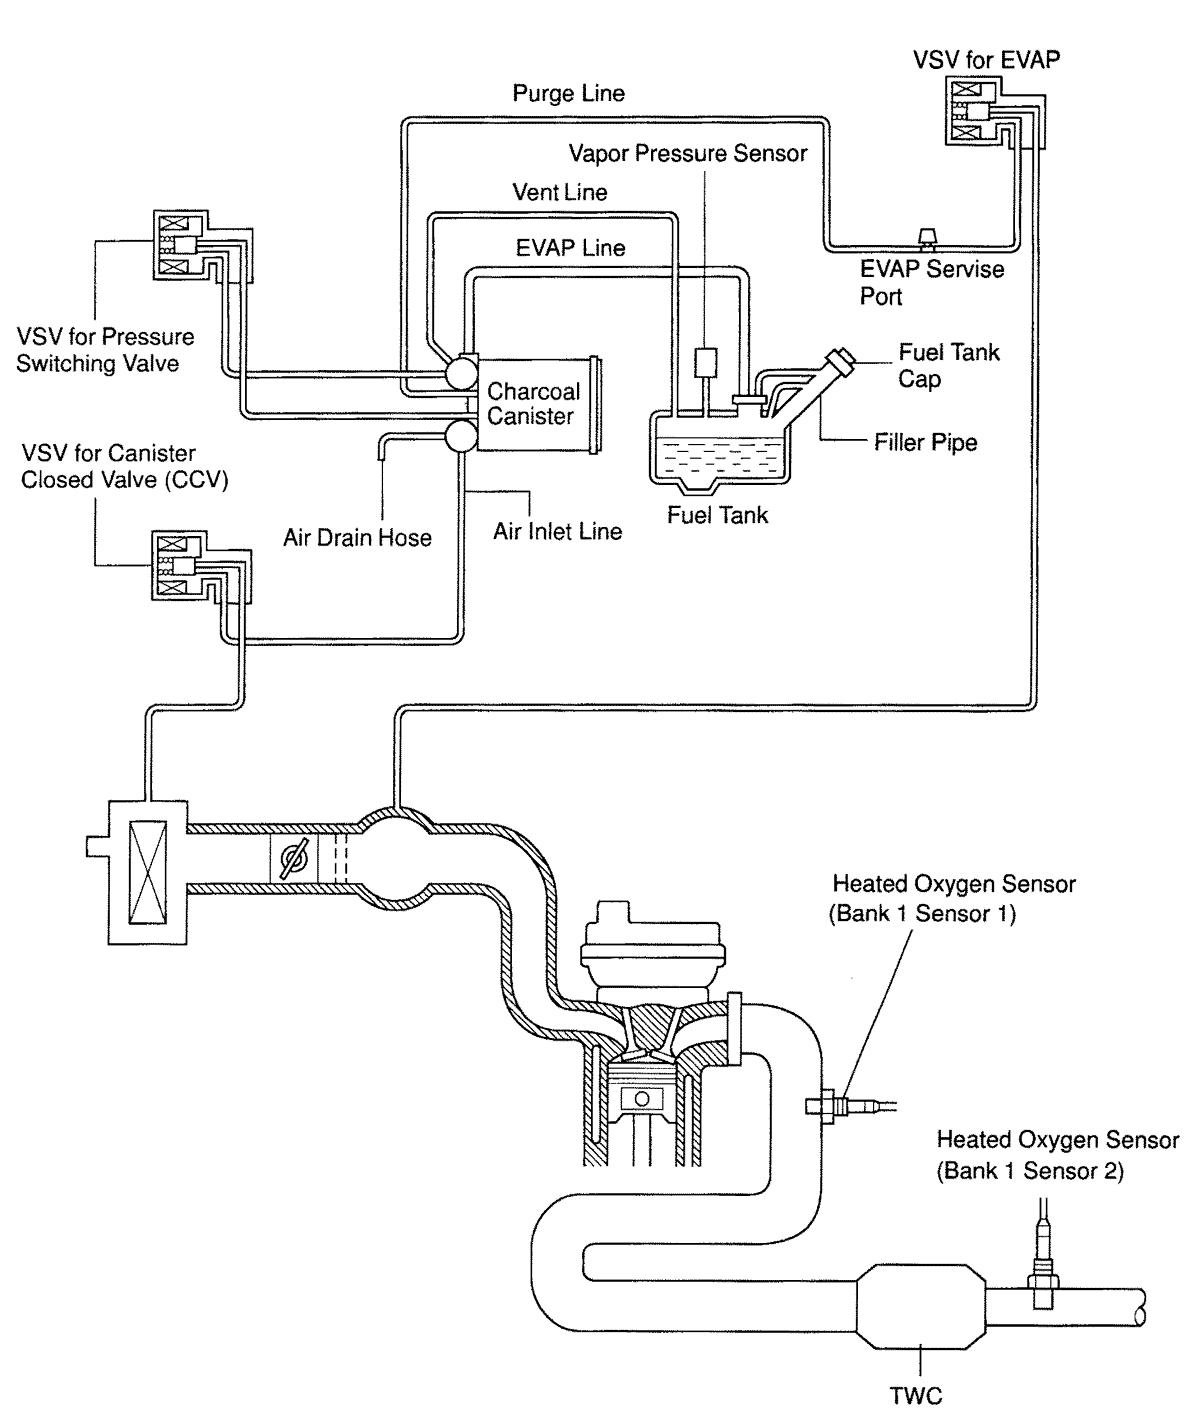 2001-toyota-celica-gt-1.8-vacuum-diagram